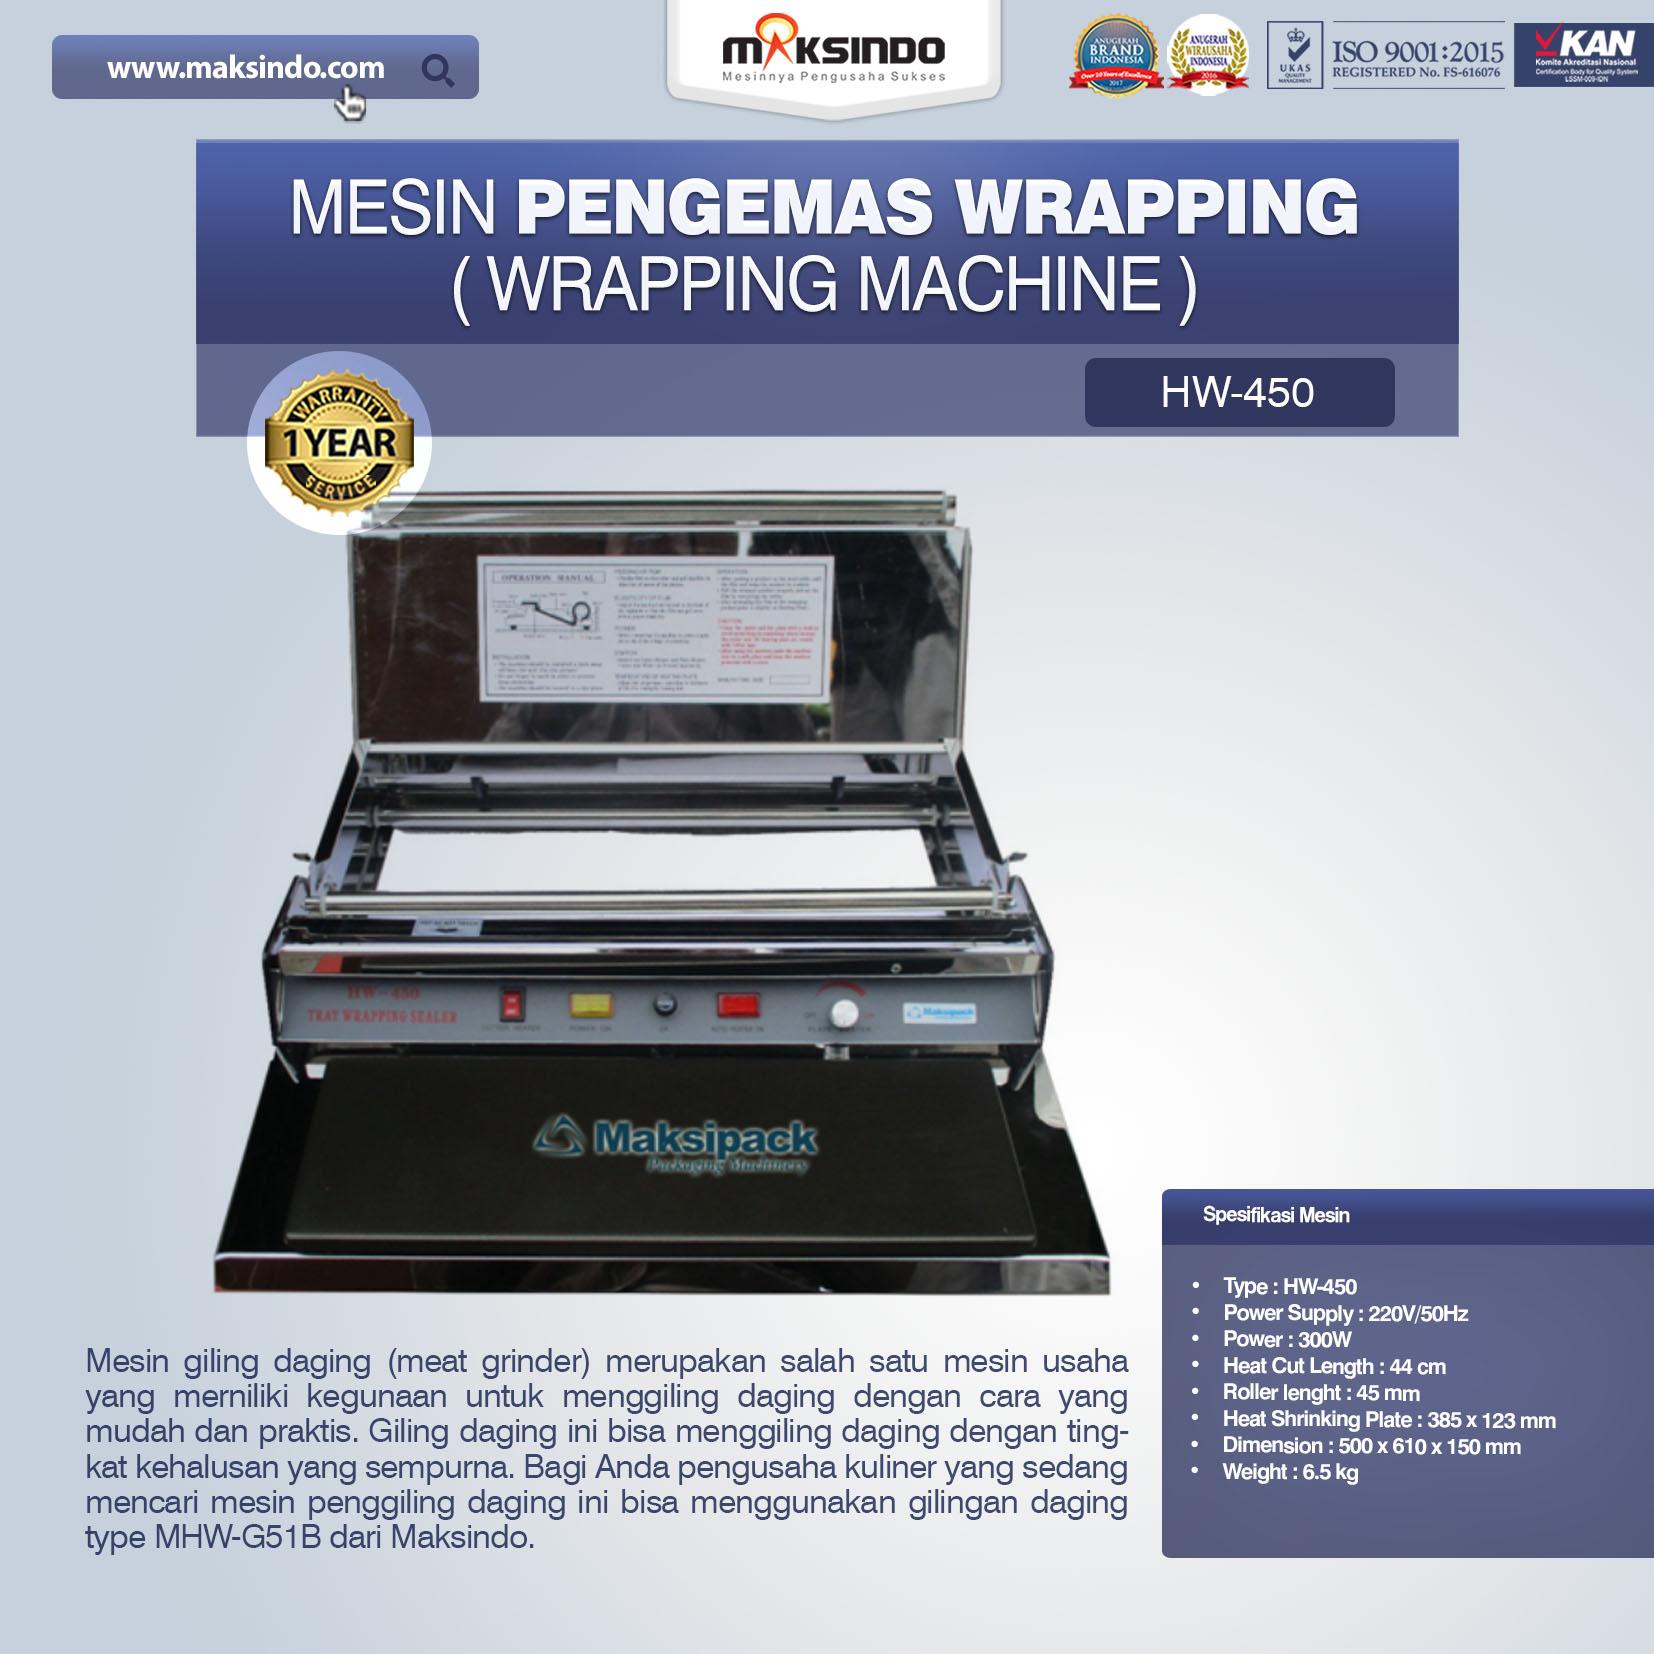 Jual Mesin Pengemas Wrapping di Semarang